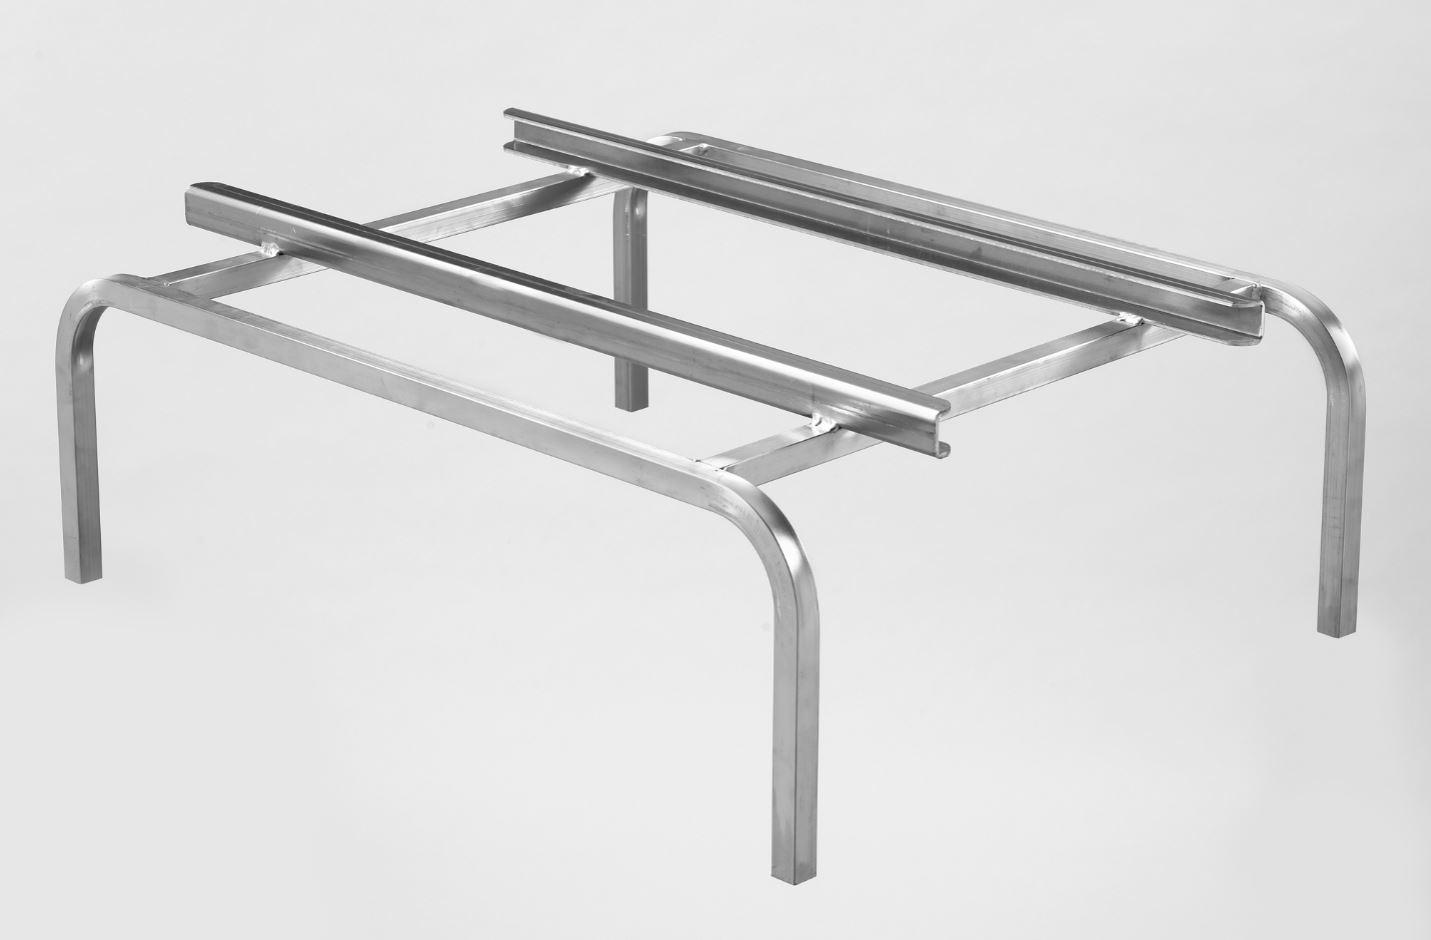 baxter-oven-lift.jpg